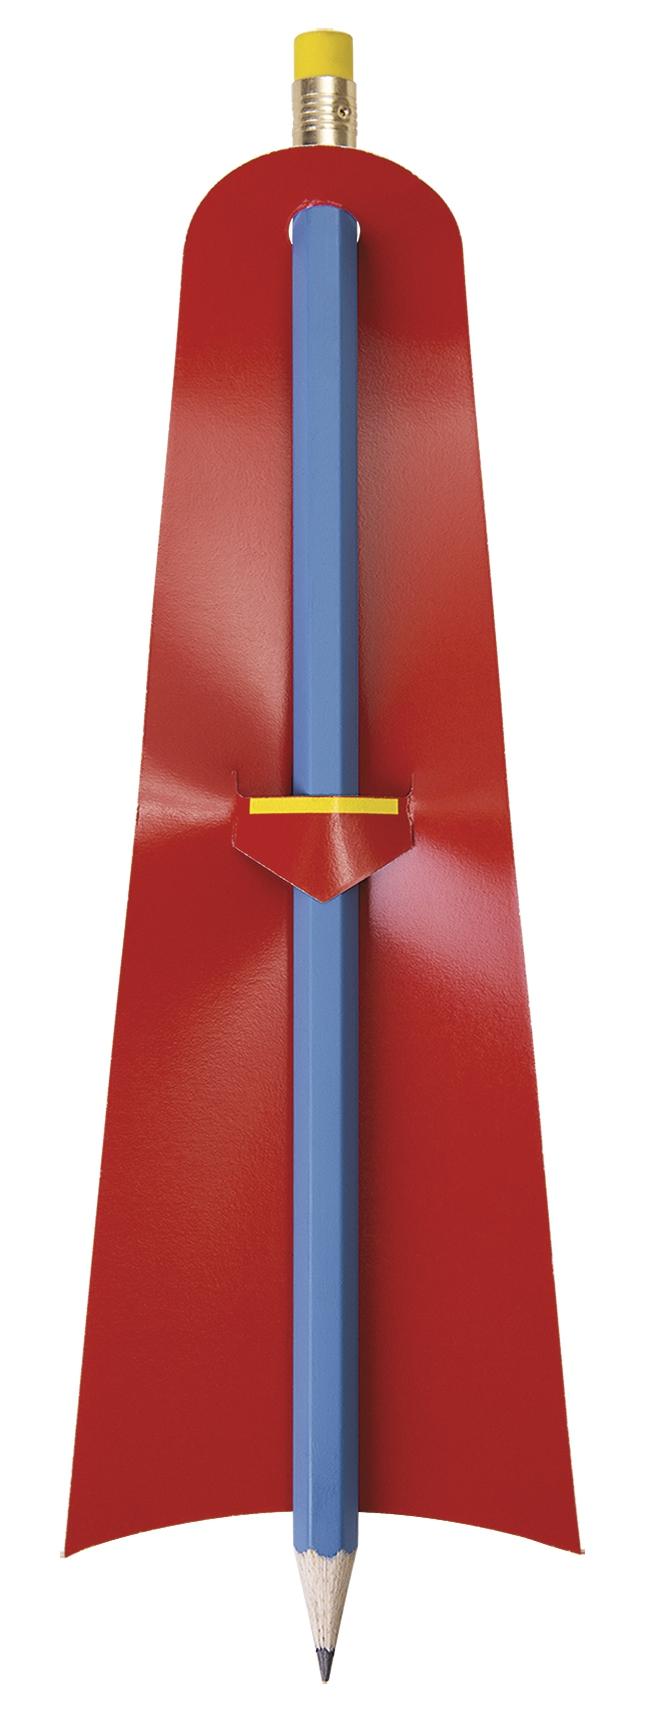 Le super crayon - 37-1028-1